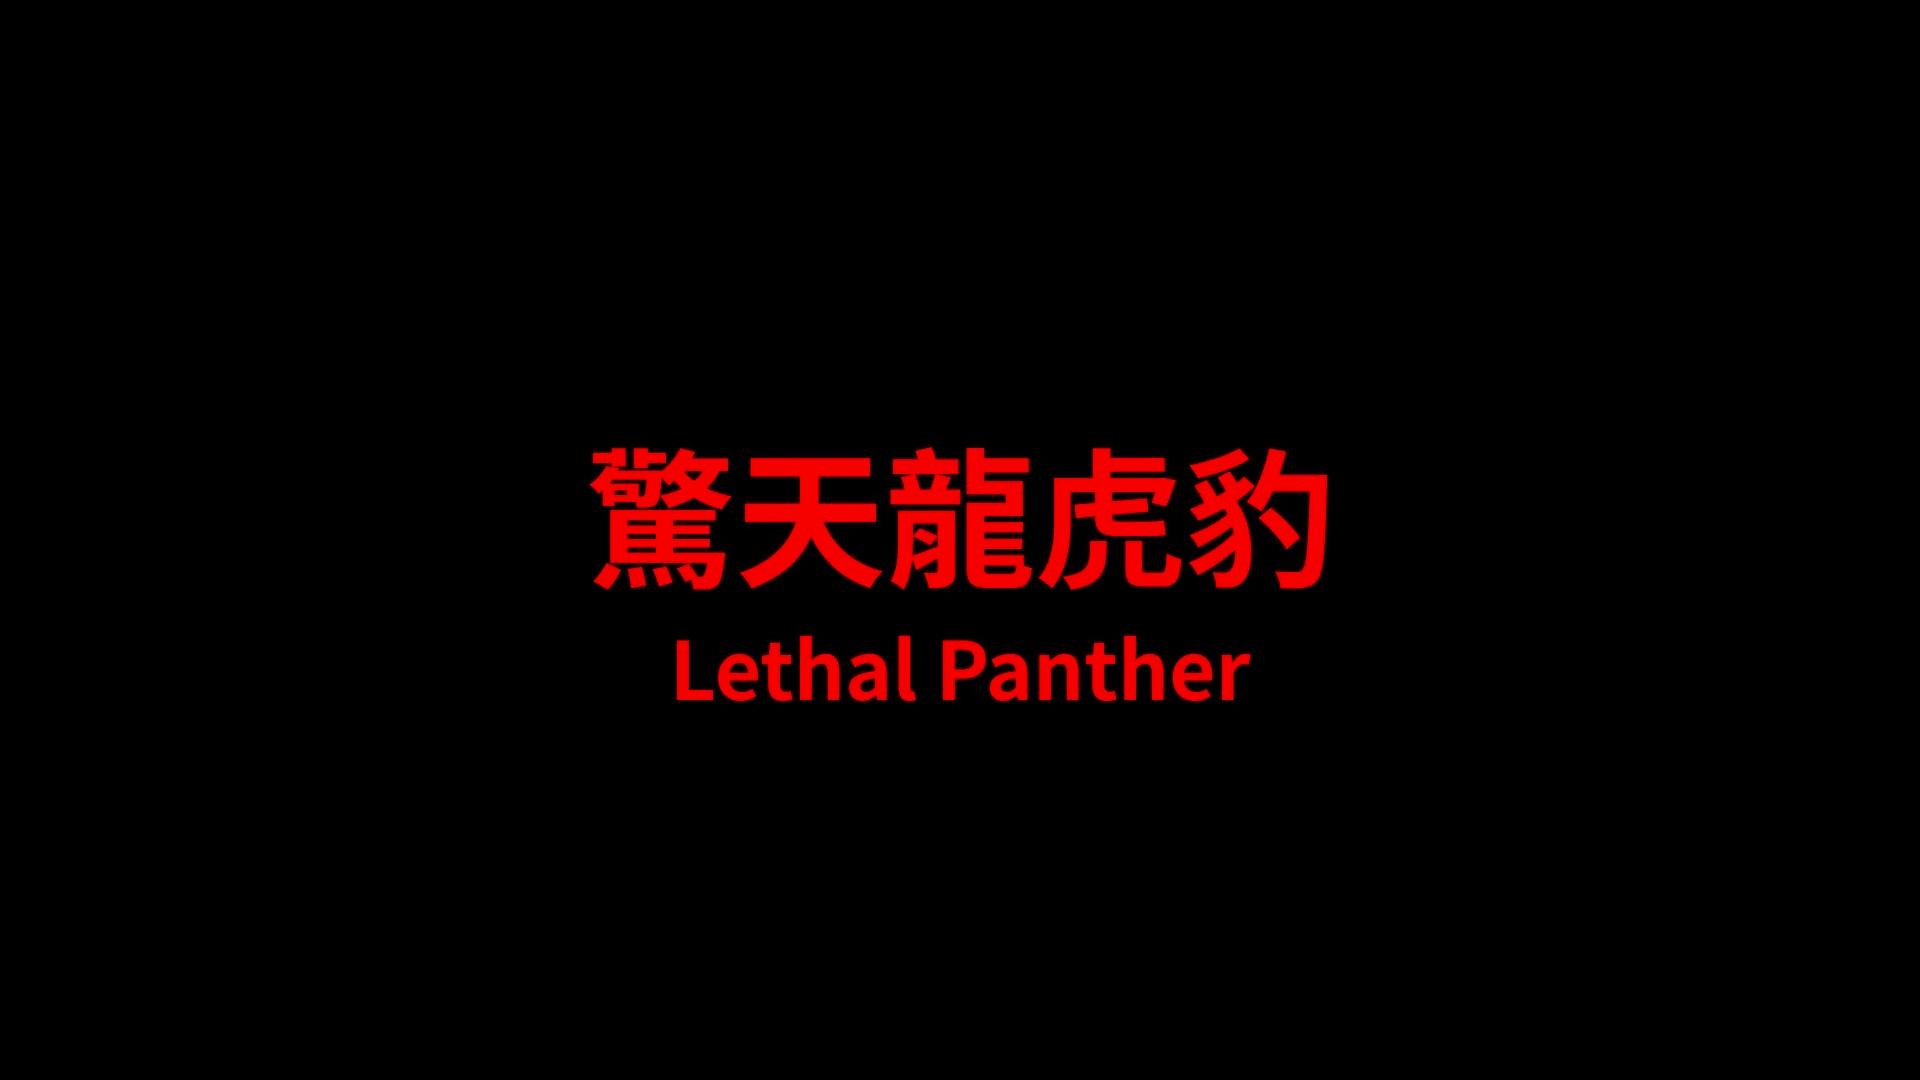 LETHAL PANTHER (驚天龍虎豹) de Godfrey Ho (1990)